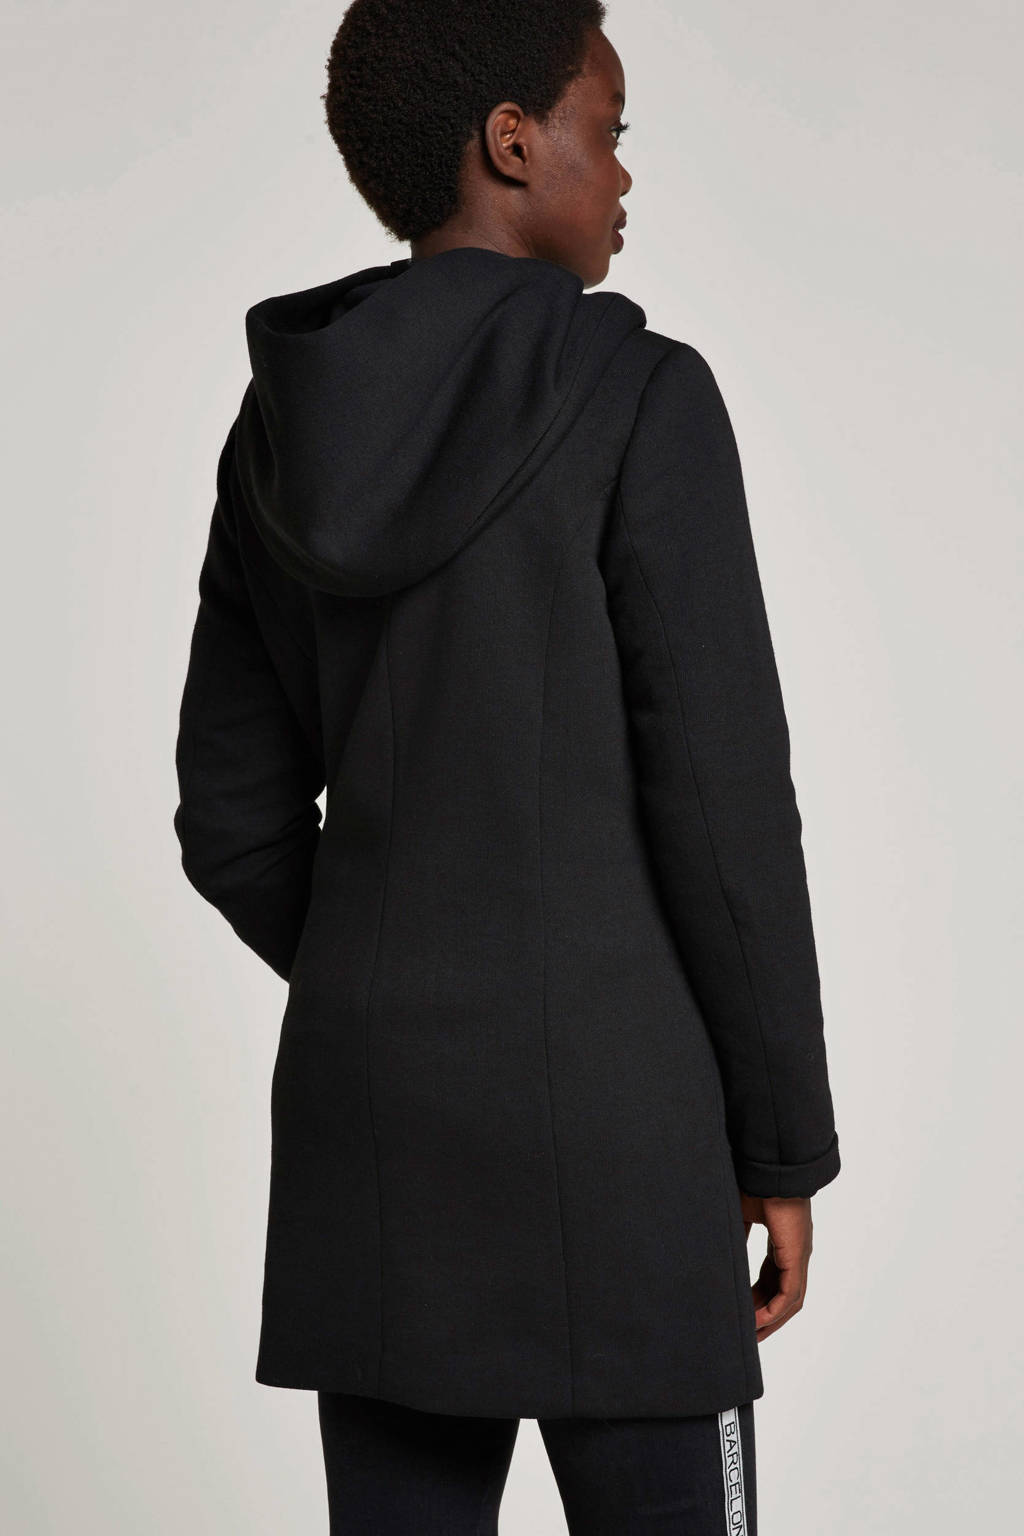 ONLY coat Dona met katoen, Zwart